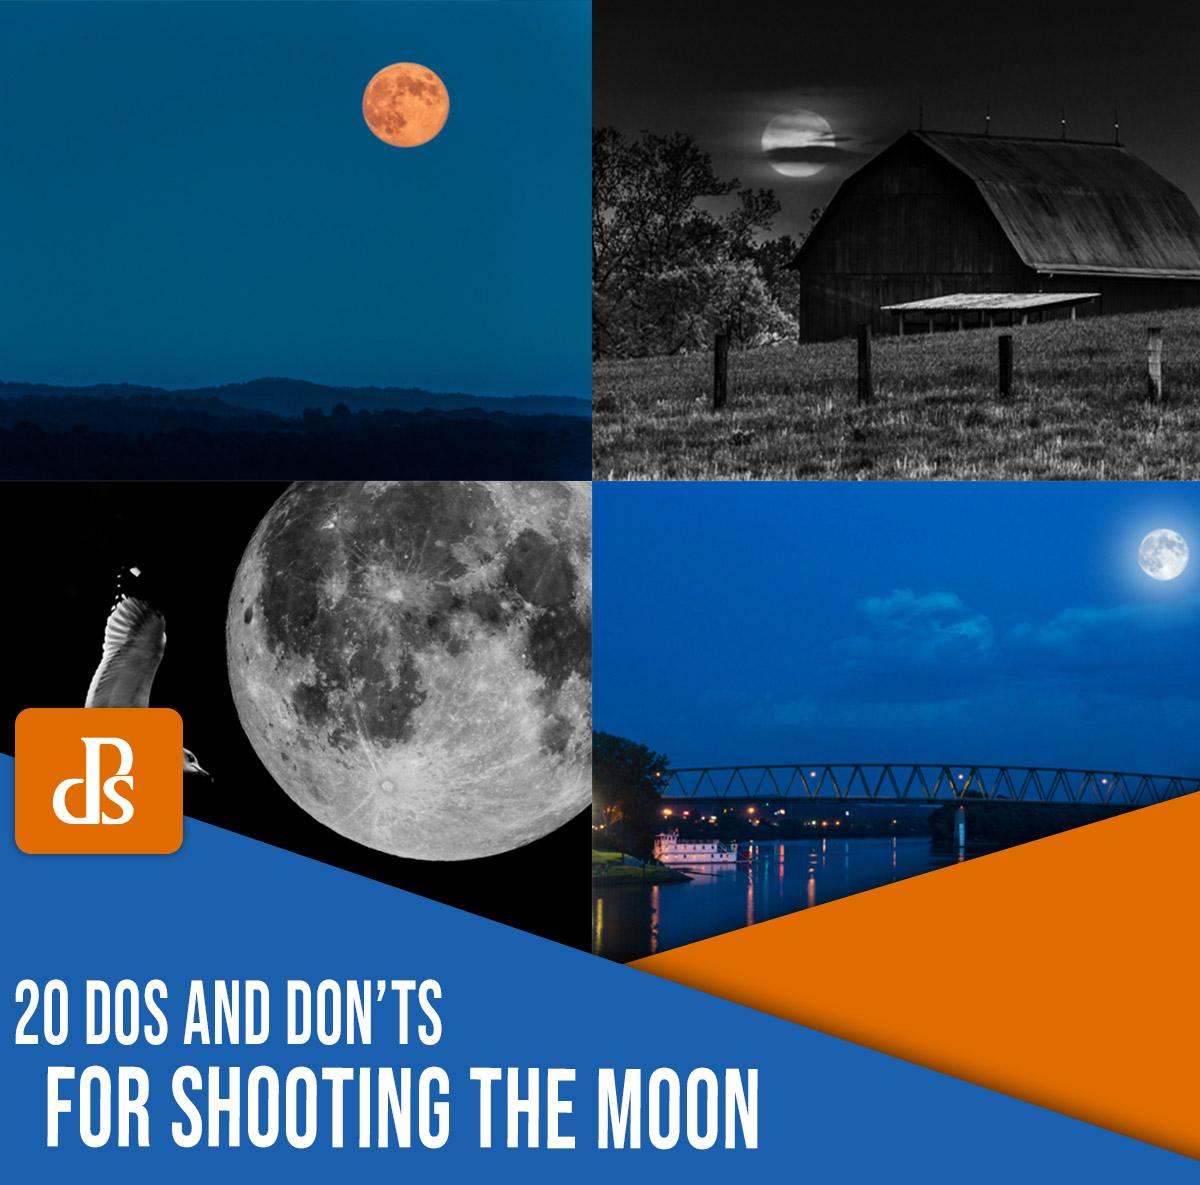 20 prós e contras para fotografar a lua